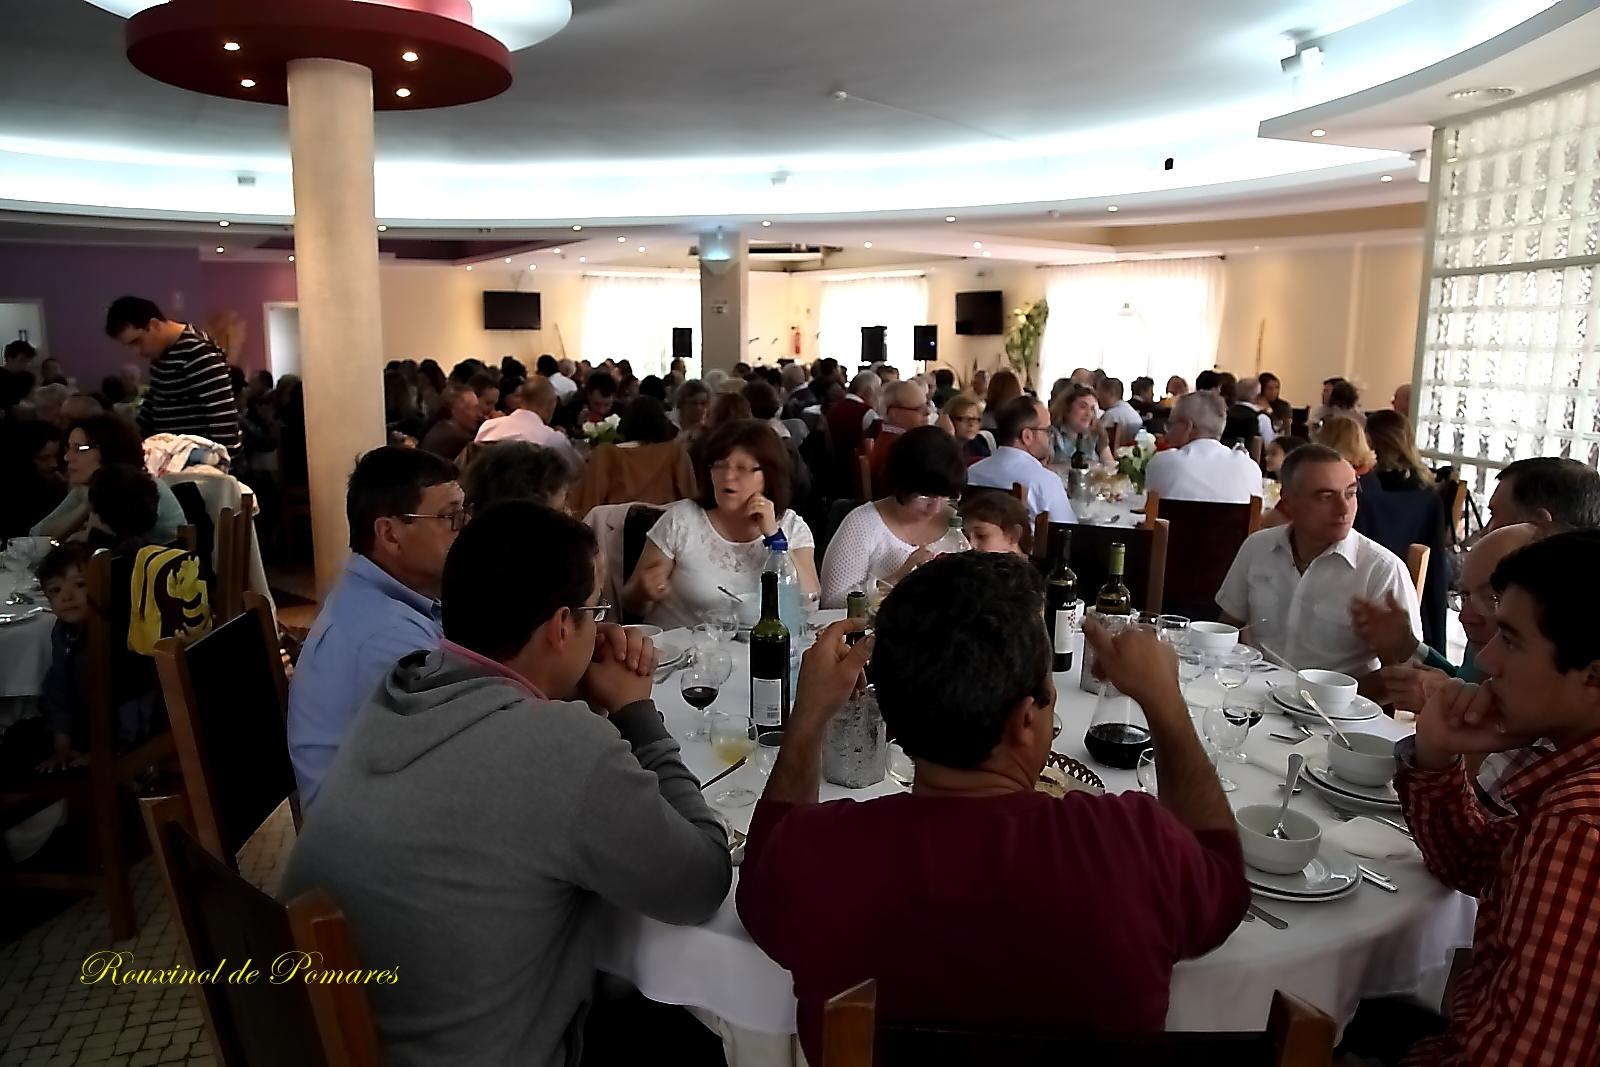 Almoço Comemoração 95 Anos Sociedade  (17)